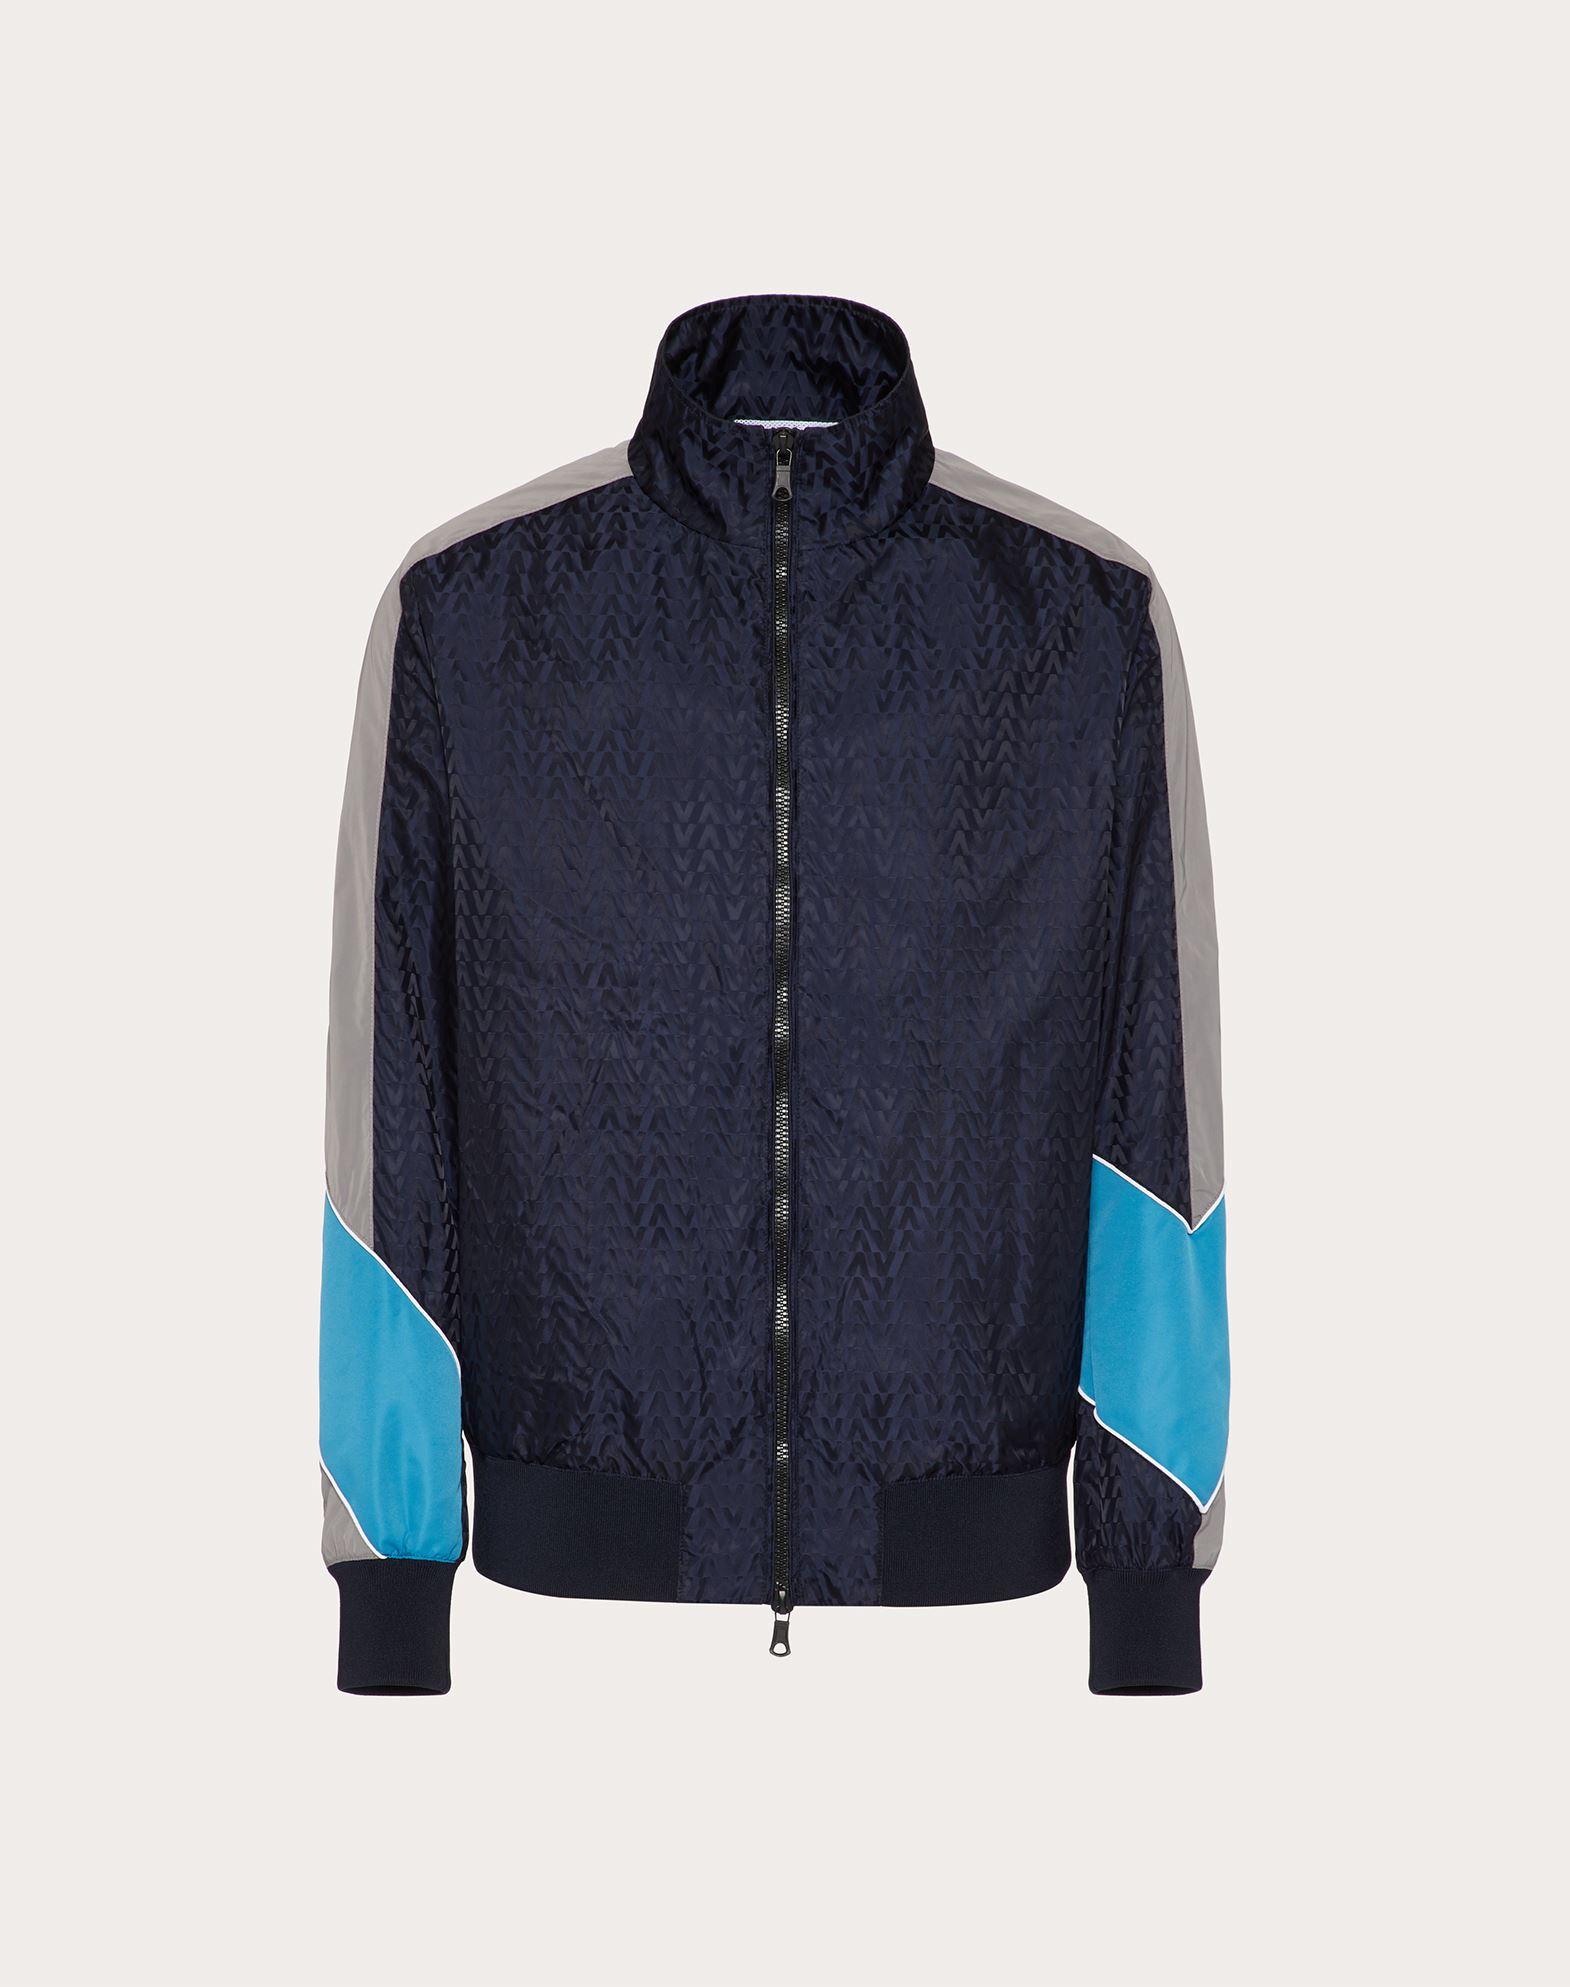 Valentino Uomo Blouson Aus Nylon Mit Optical -print Herren Navy Blue 100% Poliammide 52